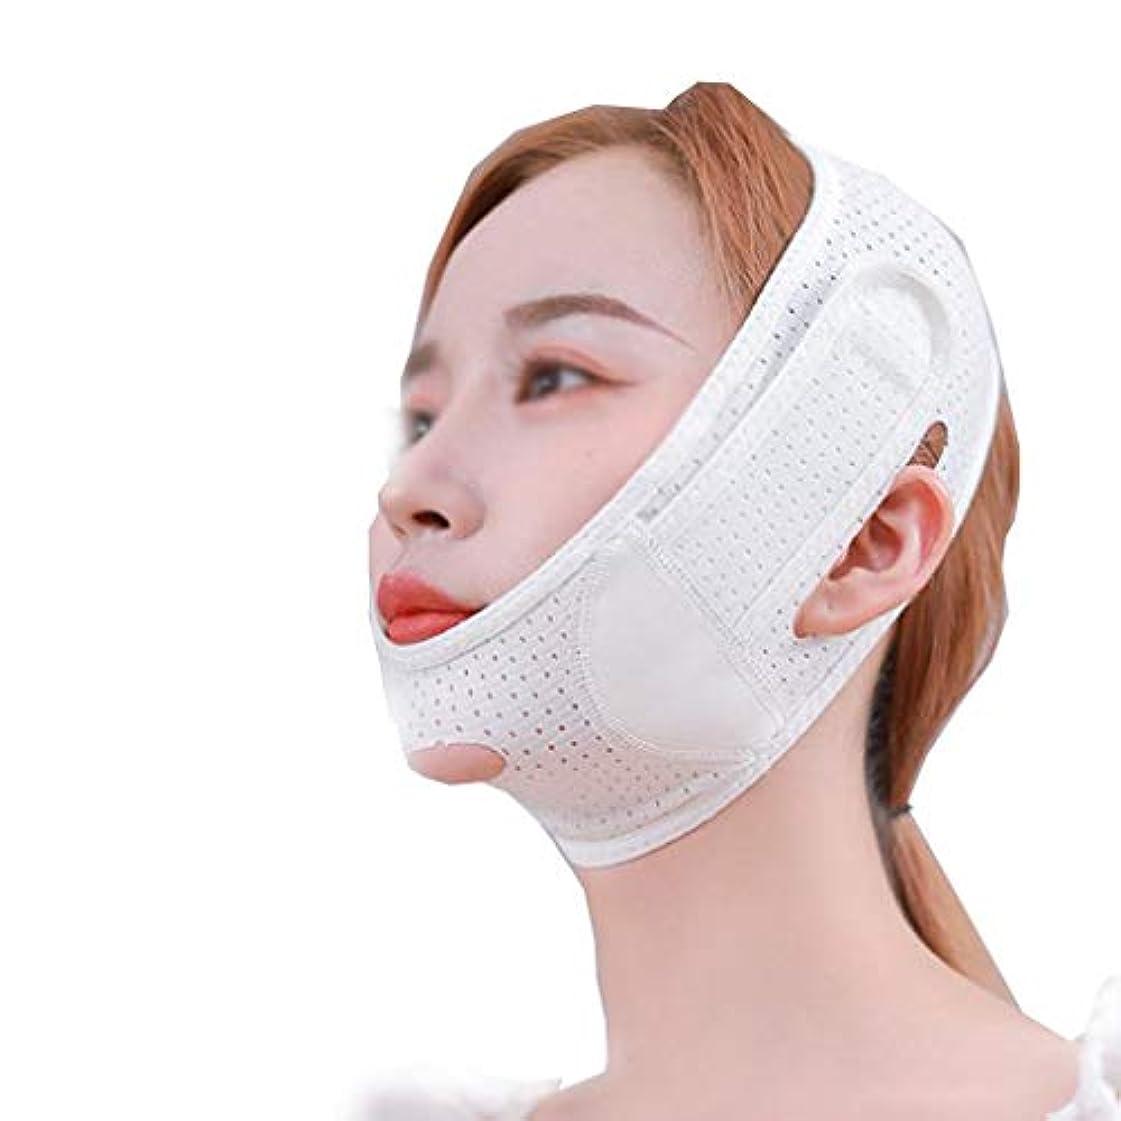 ZWBD フェイスマスク, 薄い顔のステッカーアーティファクトの包帯は小さい二重顎の法令のマスクを固める小さいVの表面を引っ張ります